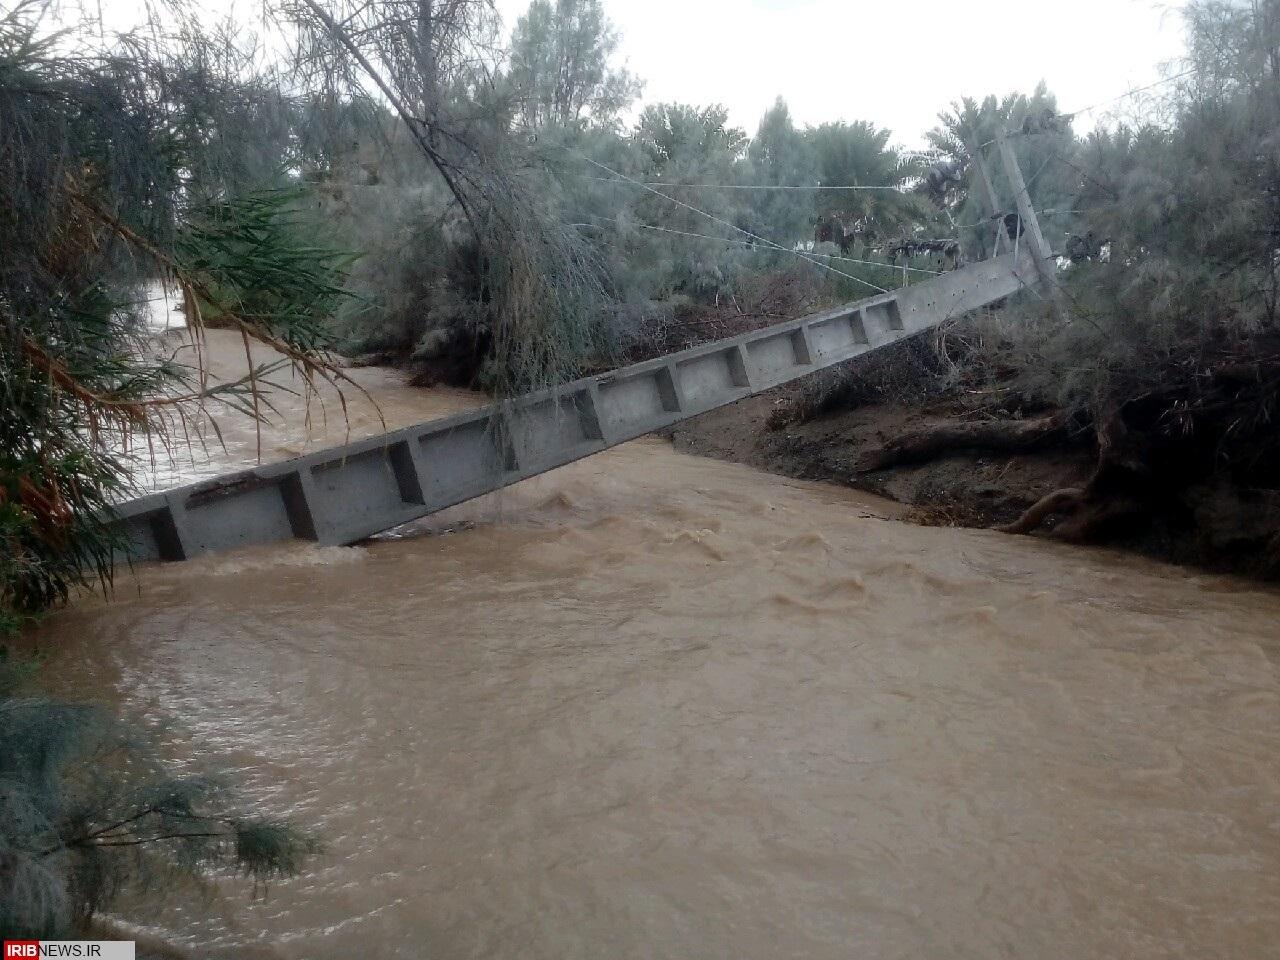 اعلام خسارات سیل در استان کرمان ظرف ۵ روز آینده